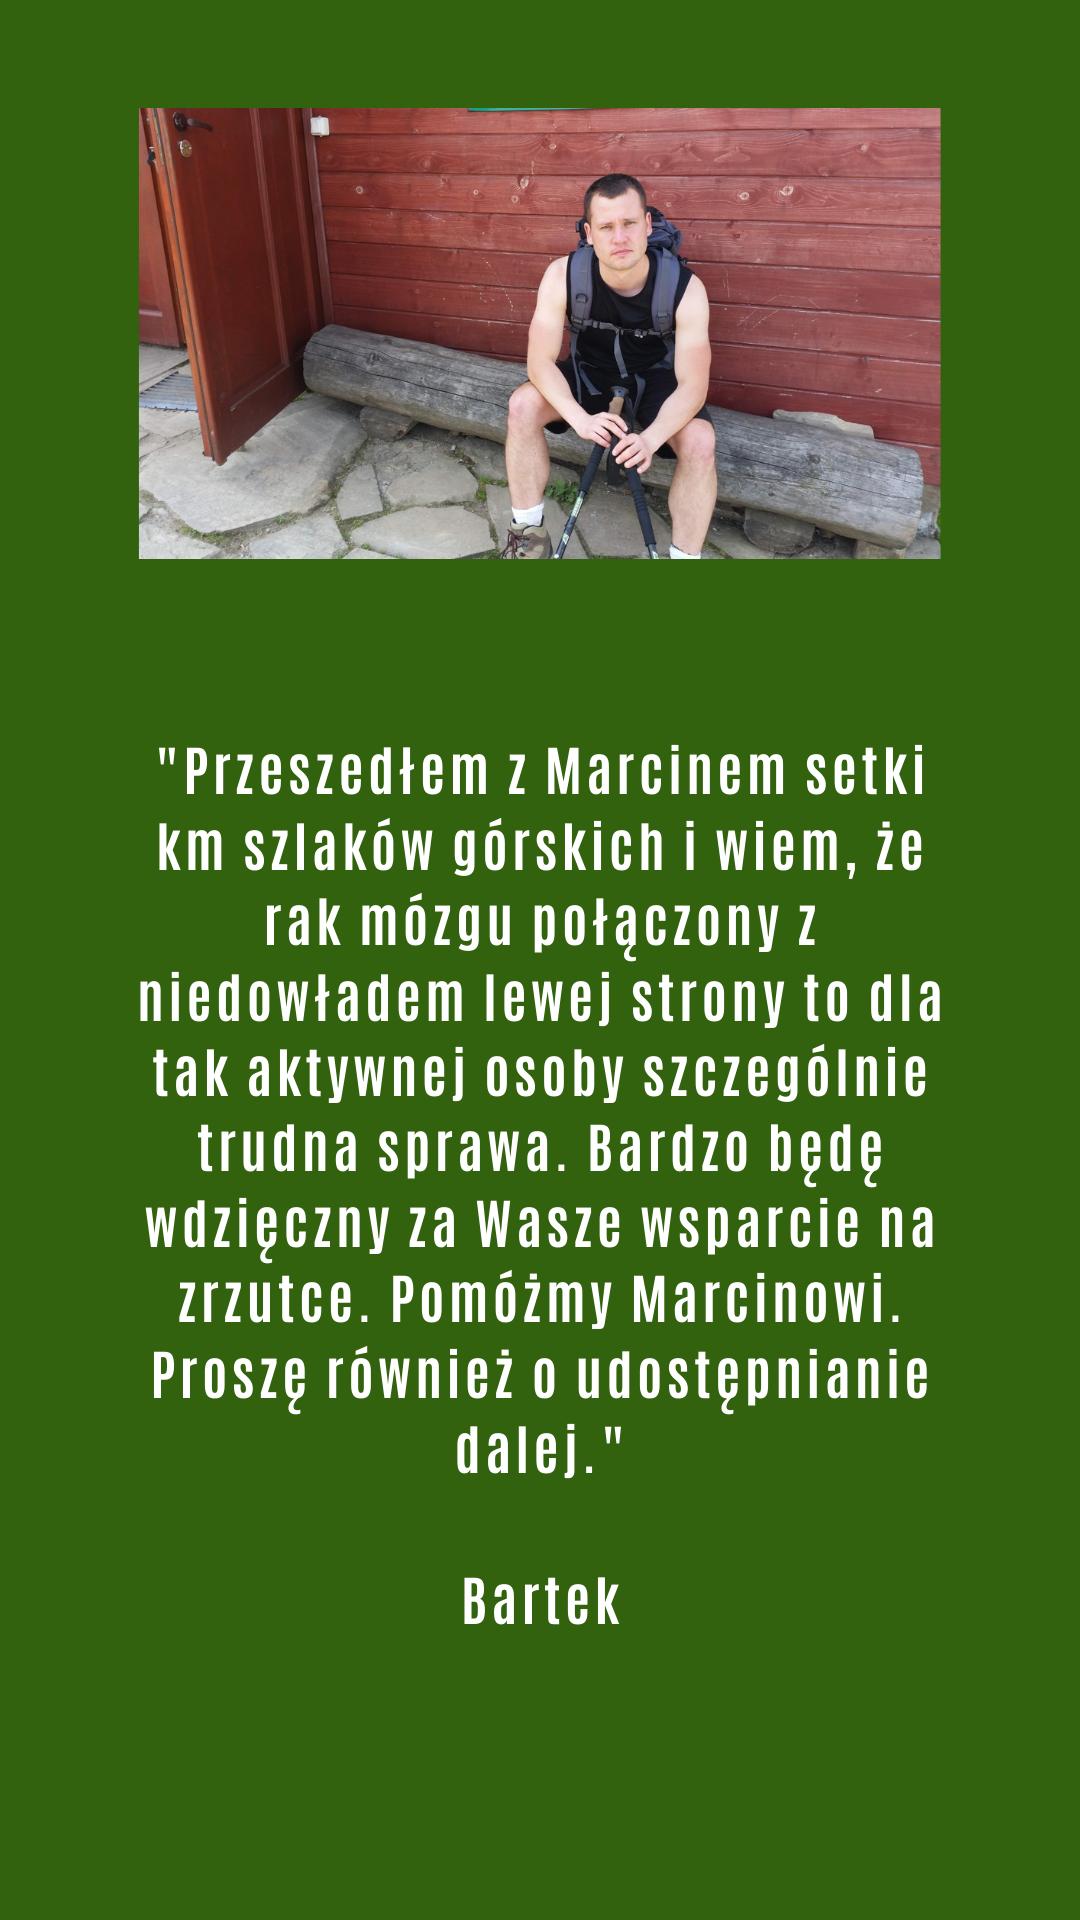 Główny Szlak Beskidzki dla Marcina (4)